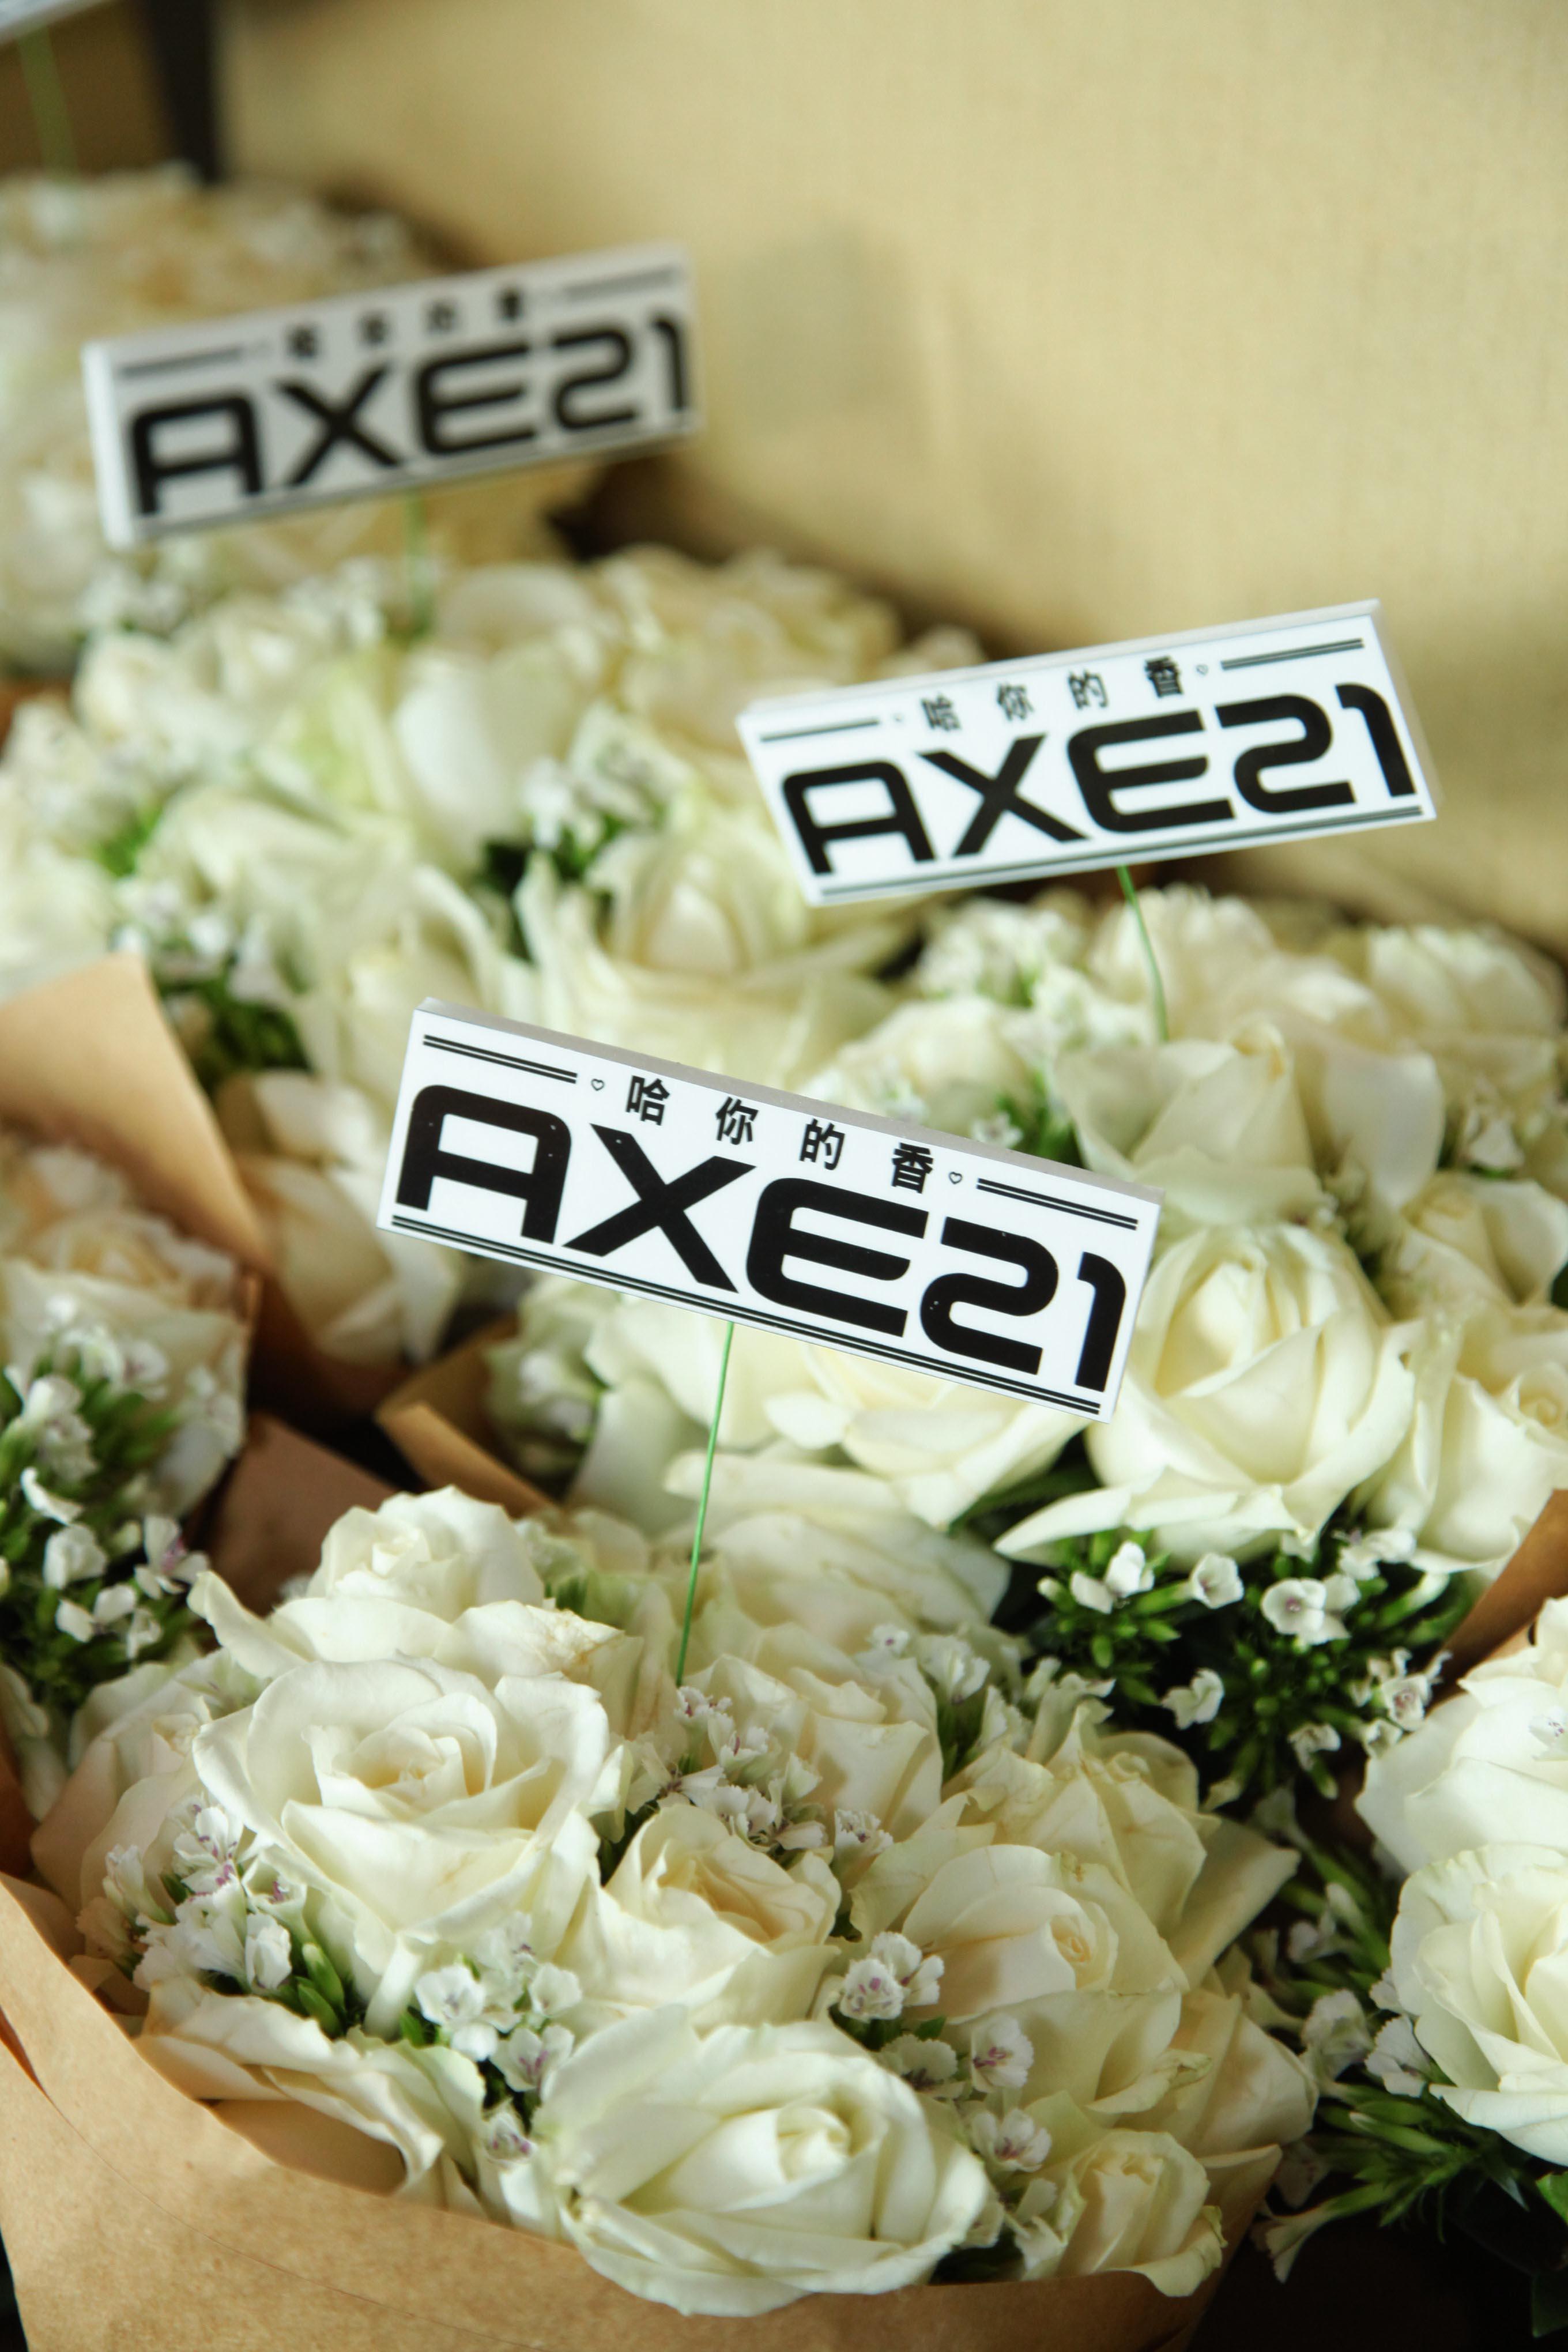 AXE21 11